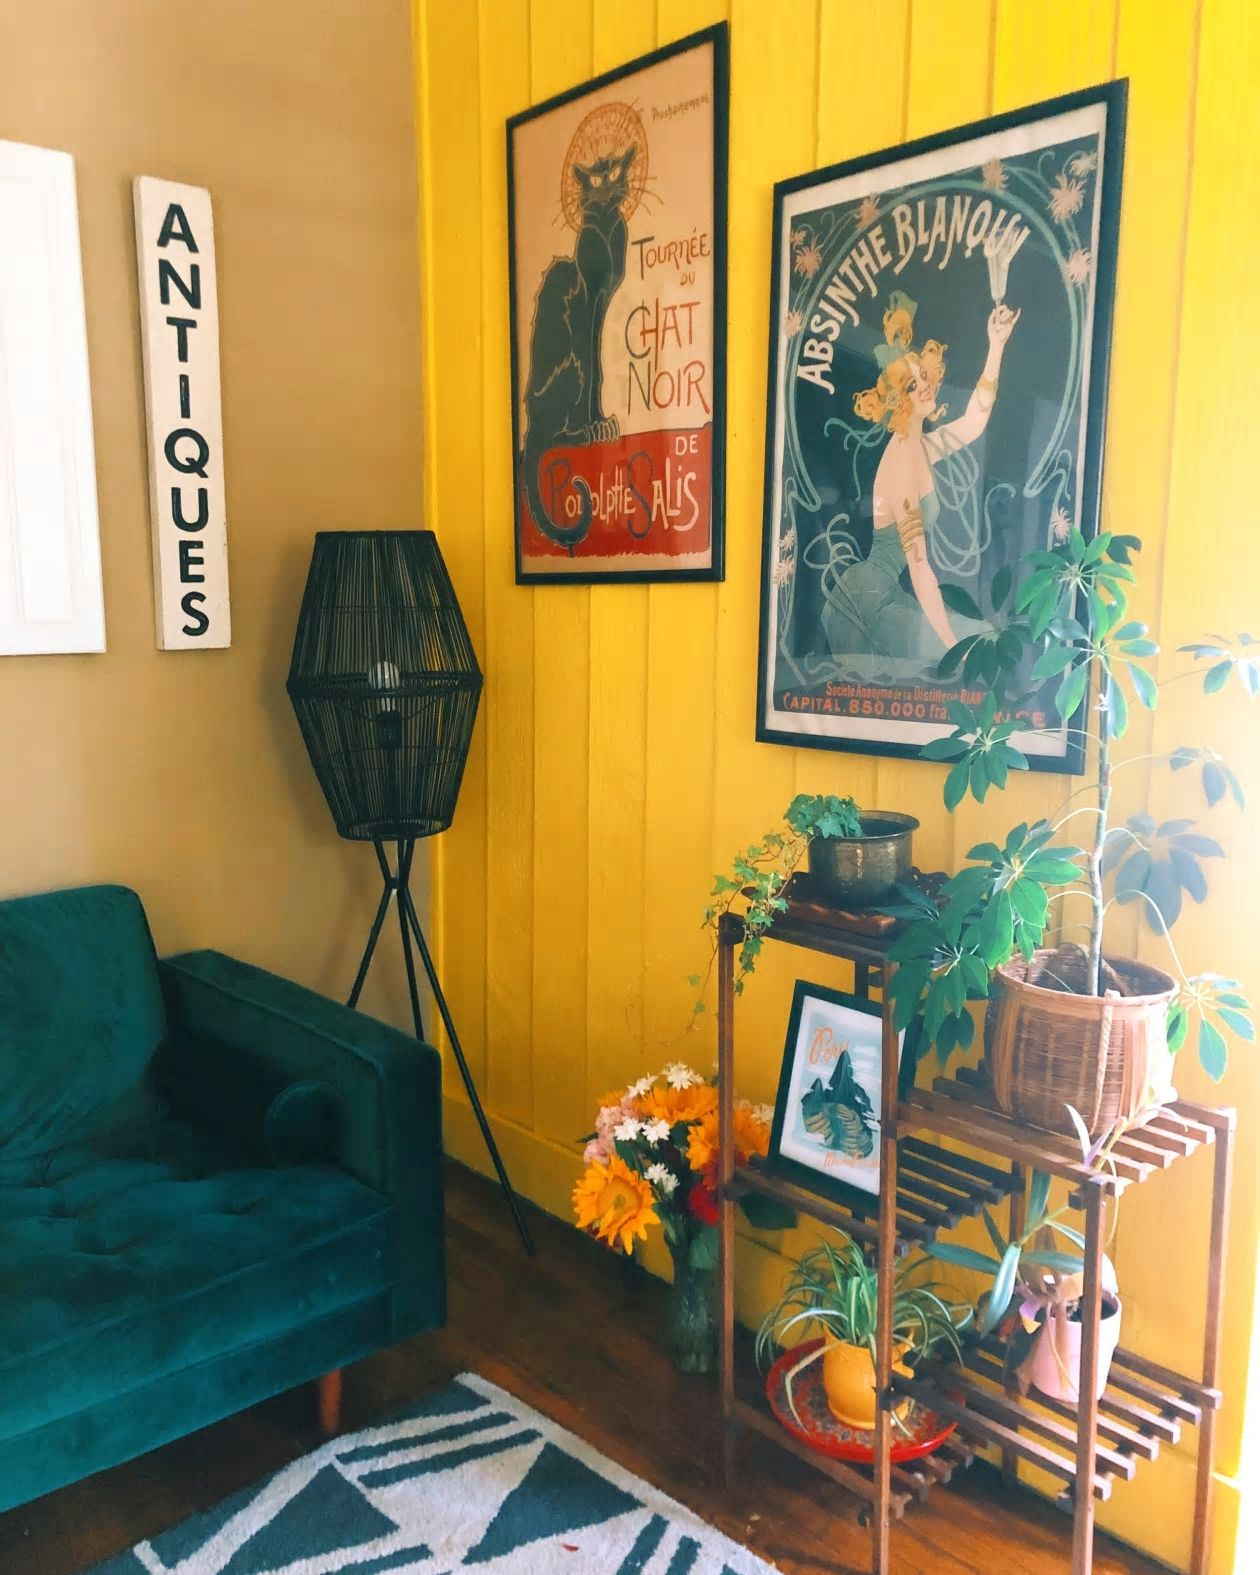 Thiết kế nhà nhỏ 60m2 theo xu hướng sống xanh, phòng khách rộng mênh mông nhờ bí quyết từ những cánh cửa - Ảnh 6.